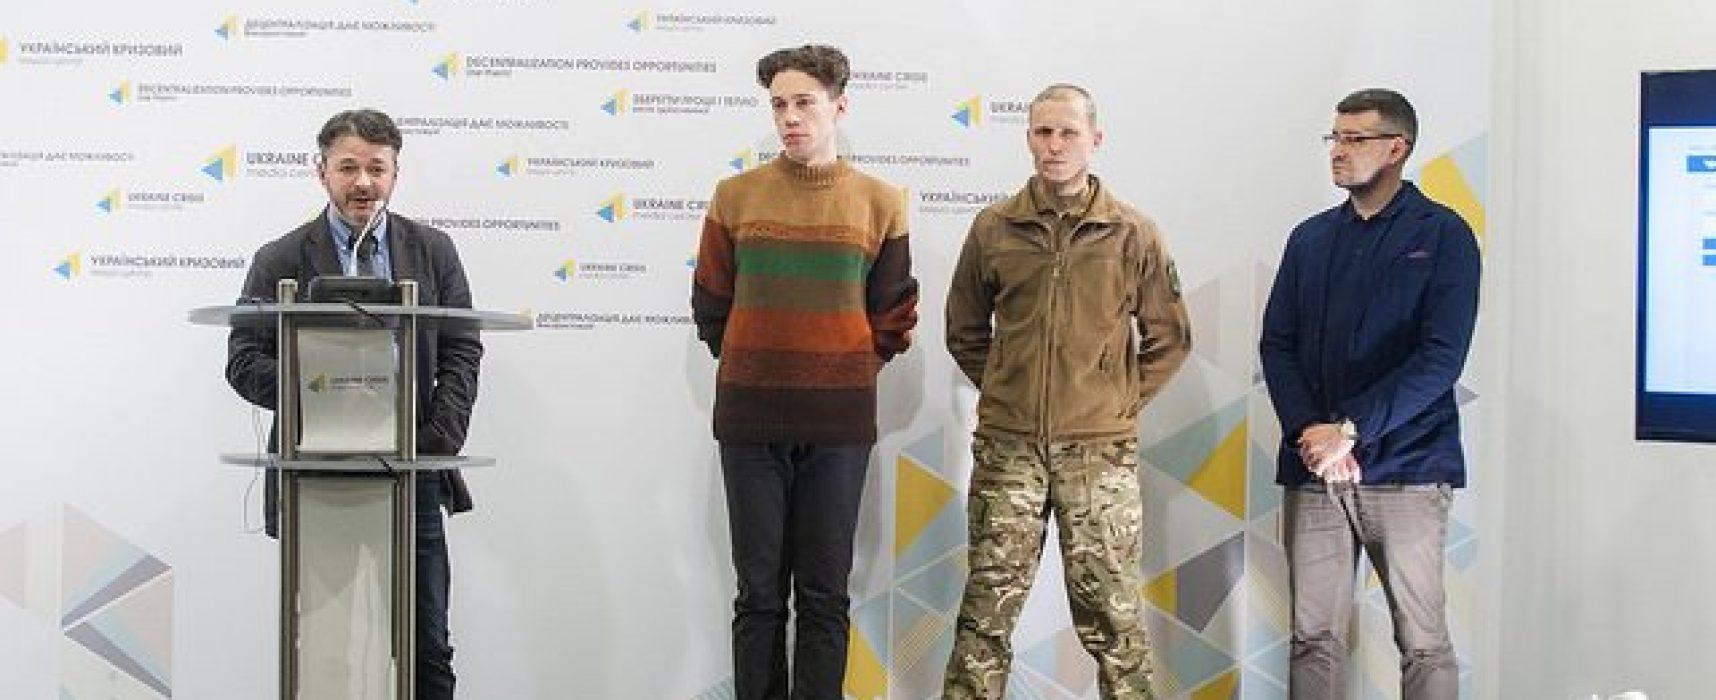 Daech et l'Ukraine: le démenti de la désinformation russe